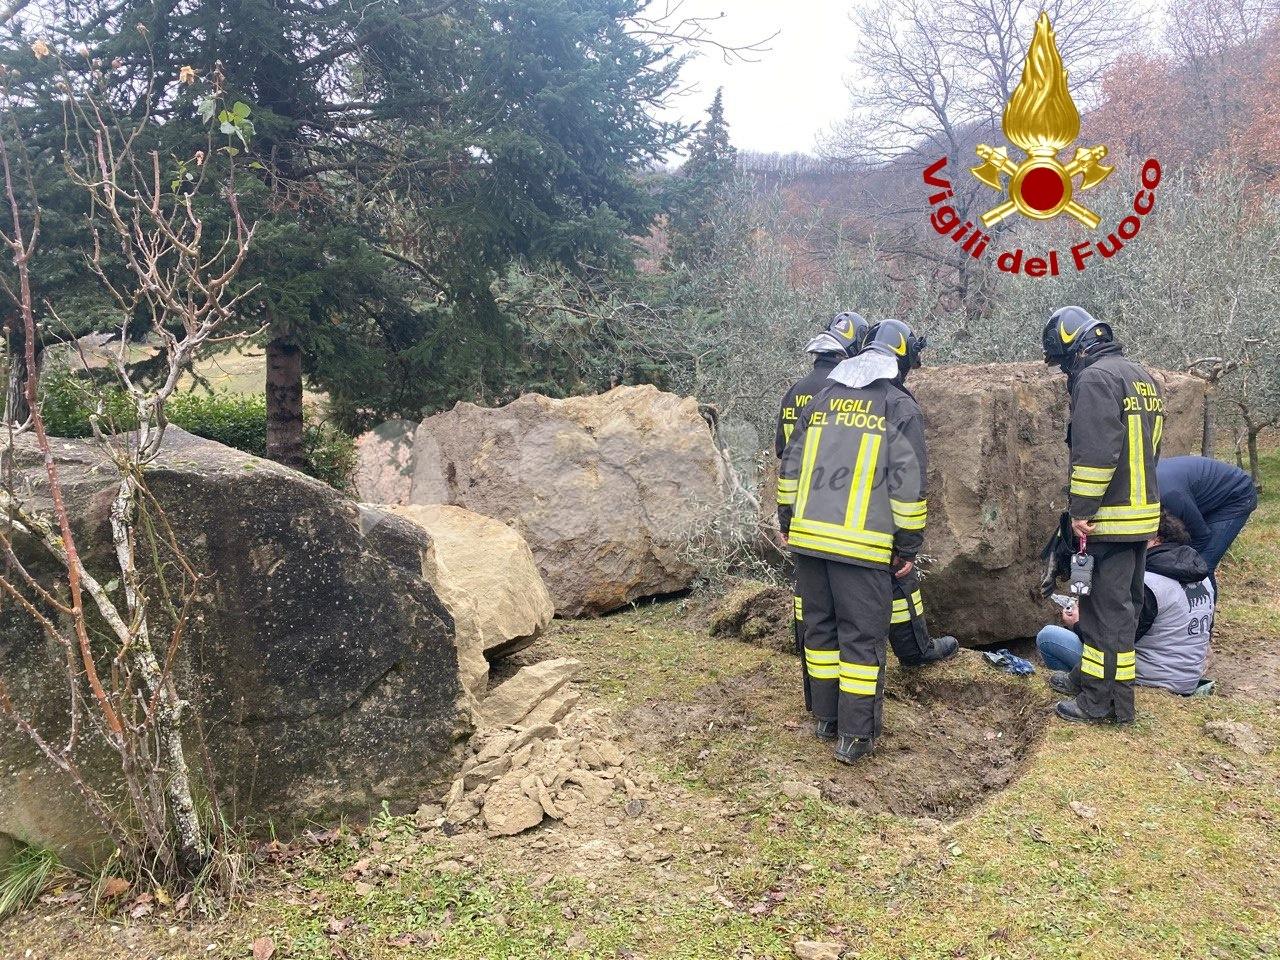 Fuga di gas a Paradiso di Assisi, vigili del fuoco e tecnici sul posto (foto)